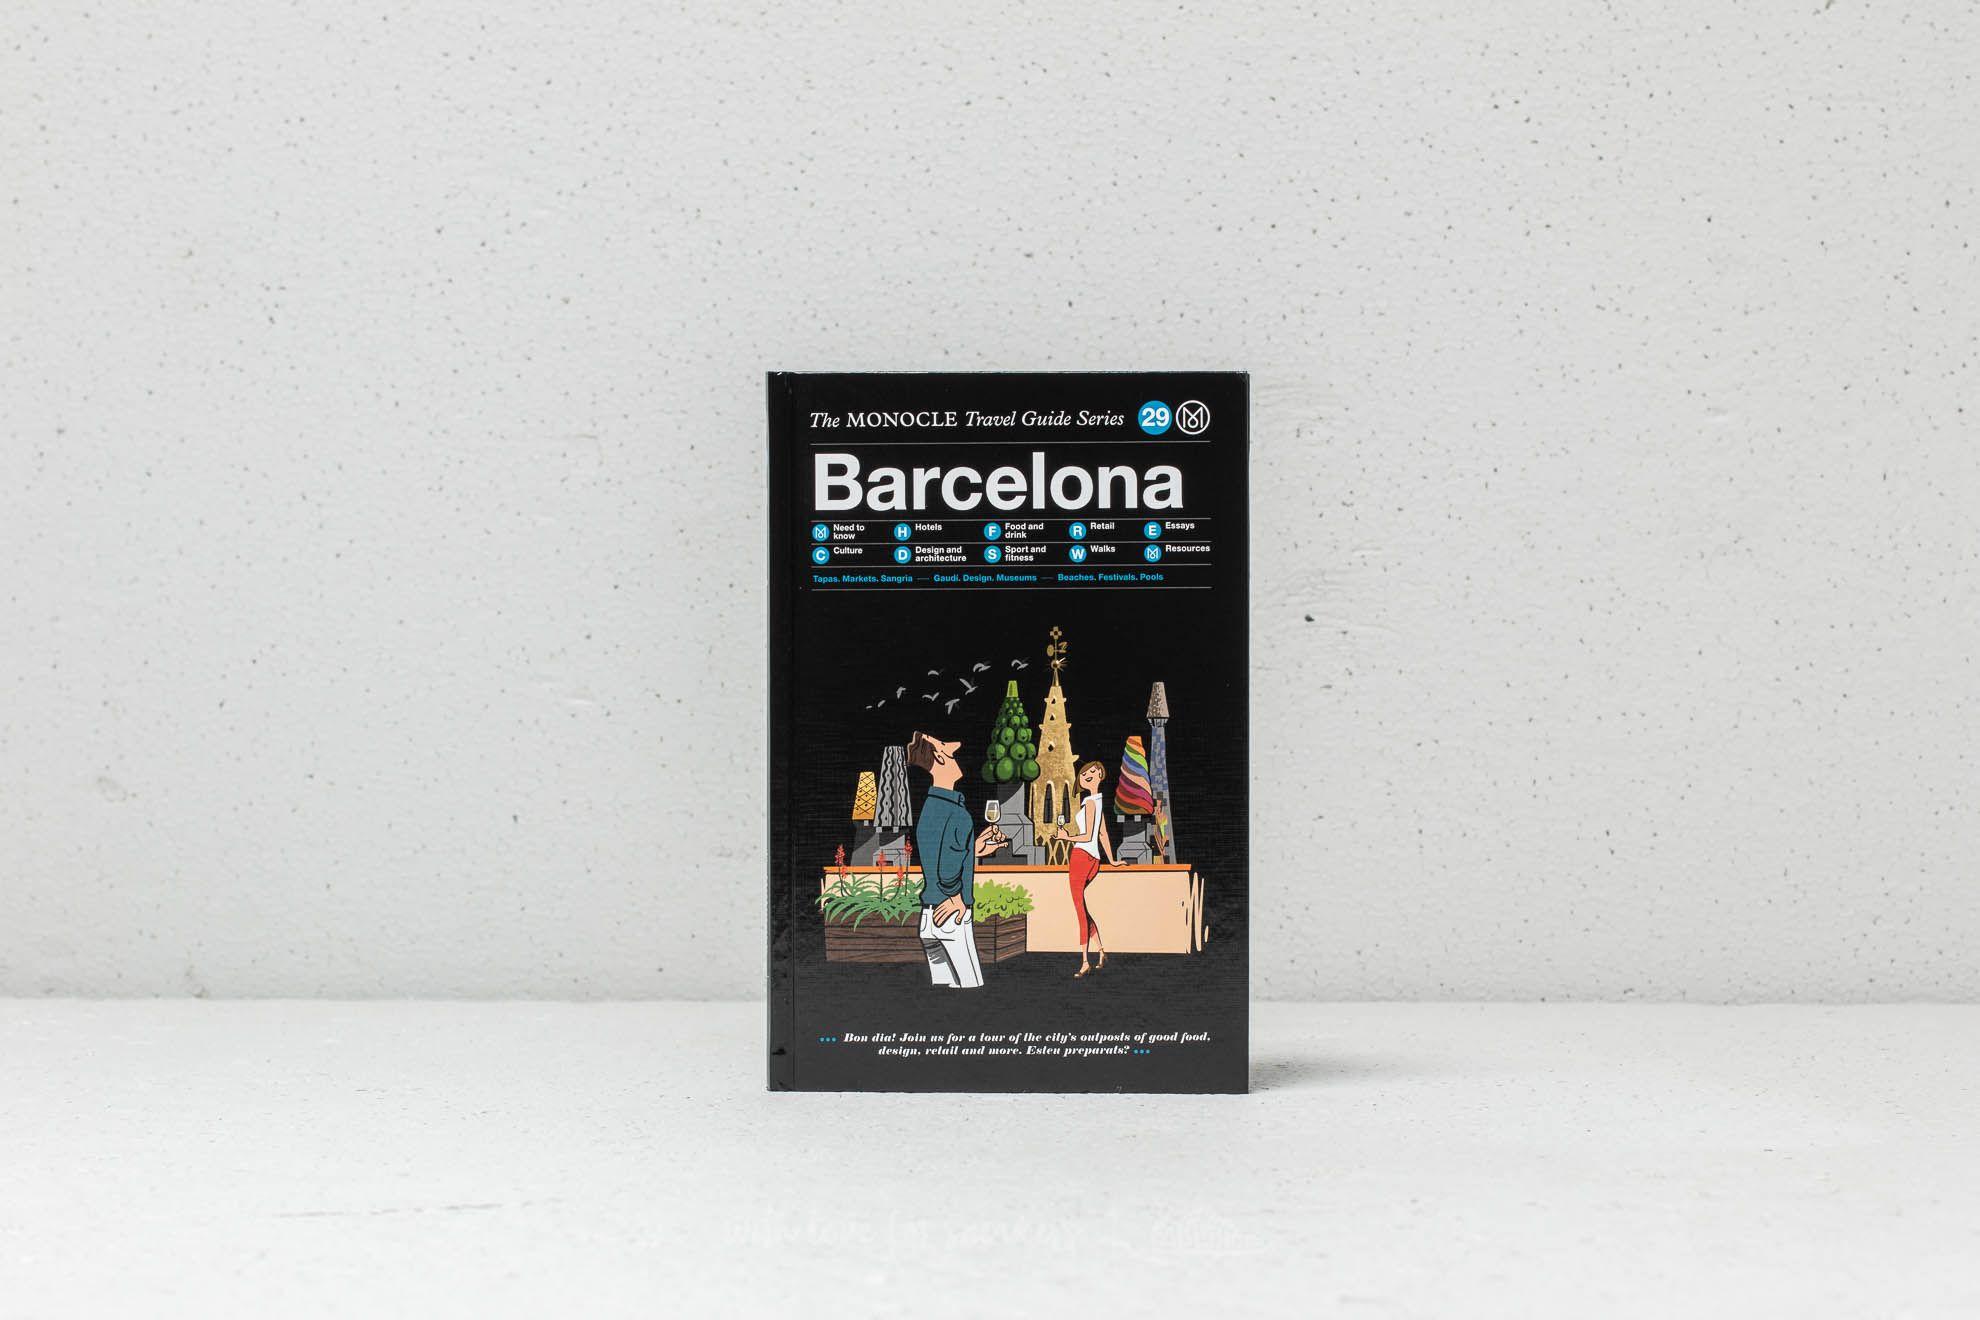 Monocle Barcelona Travel Guide za skvělou cenu 230 Kč koupíte na Footshop.cz